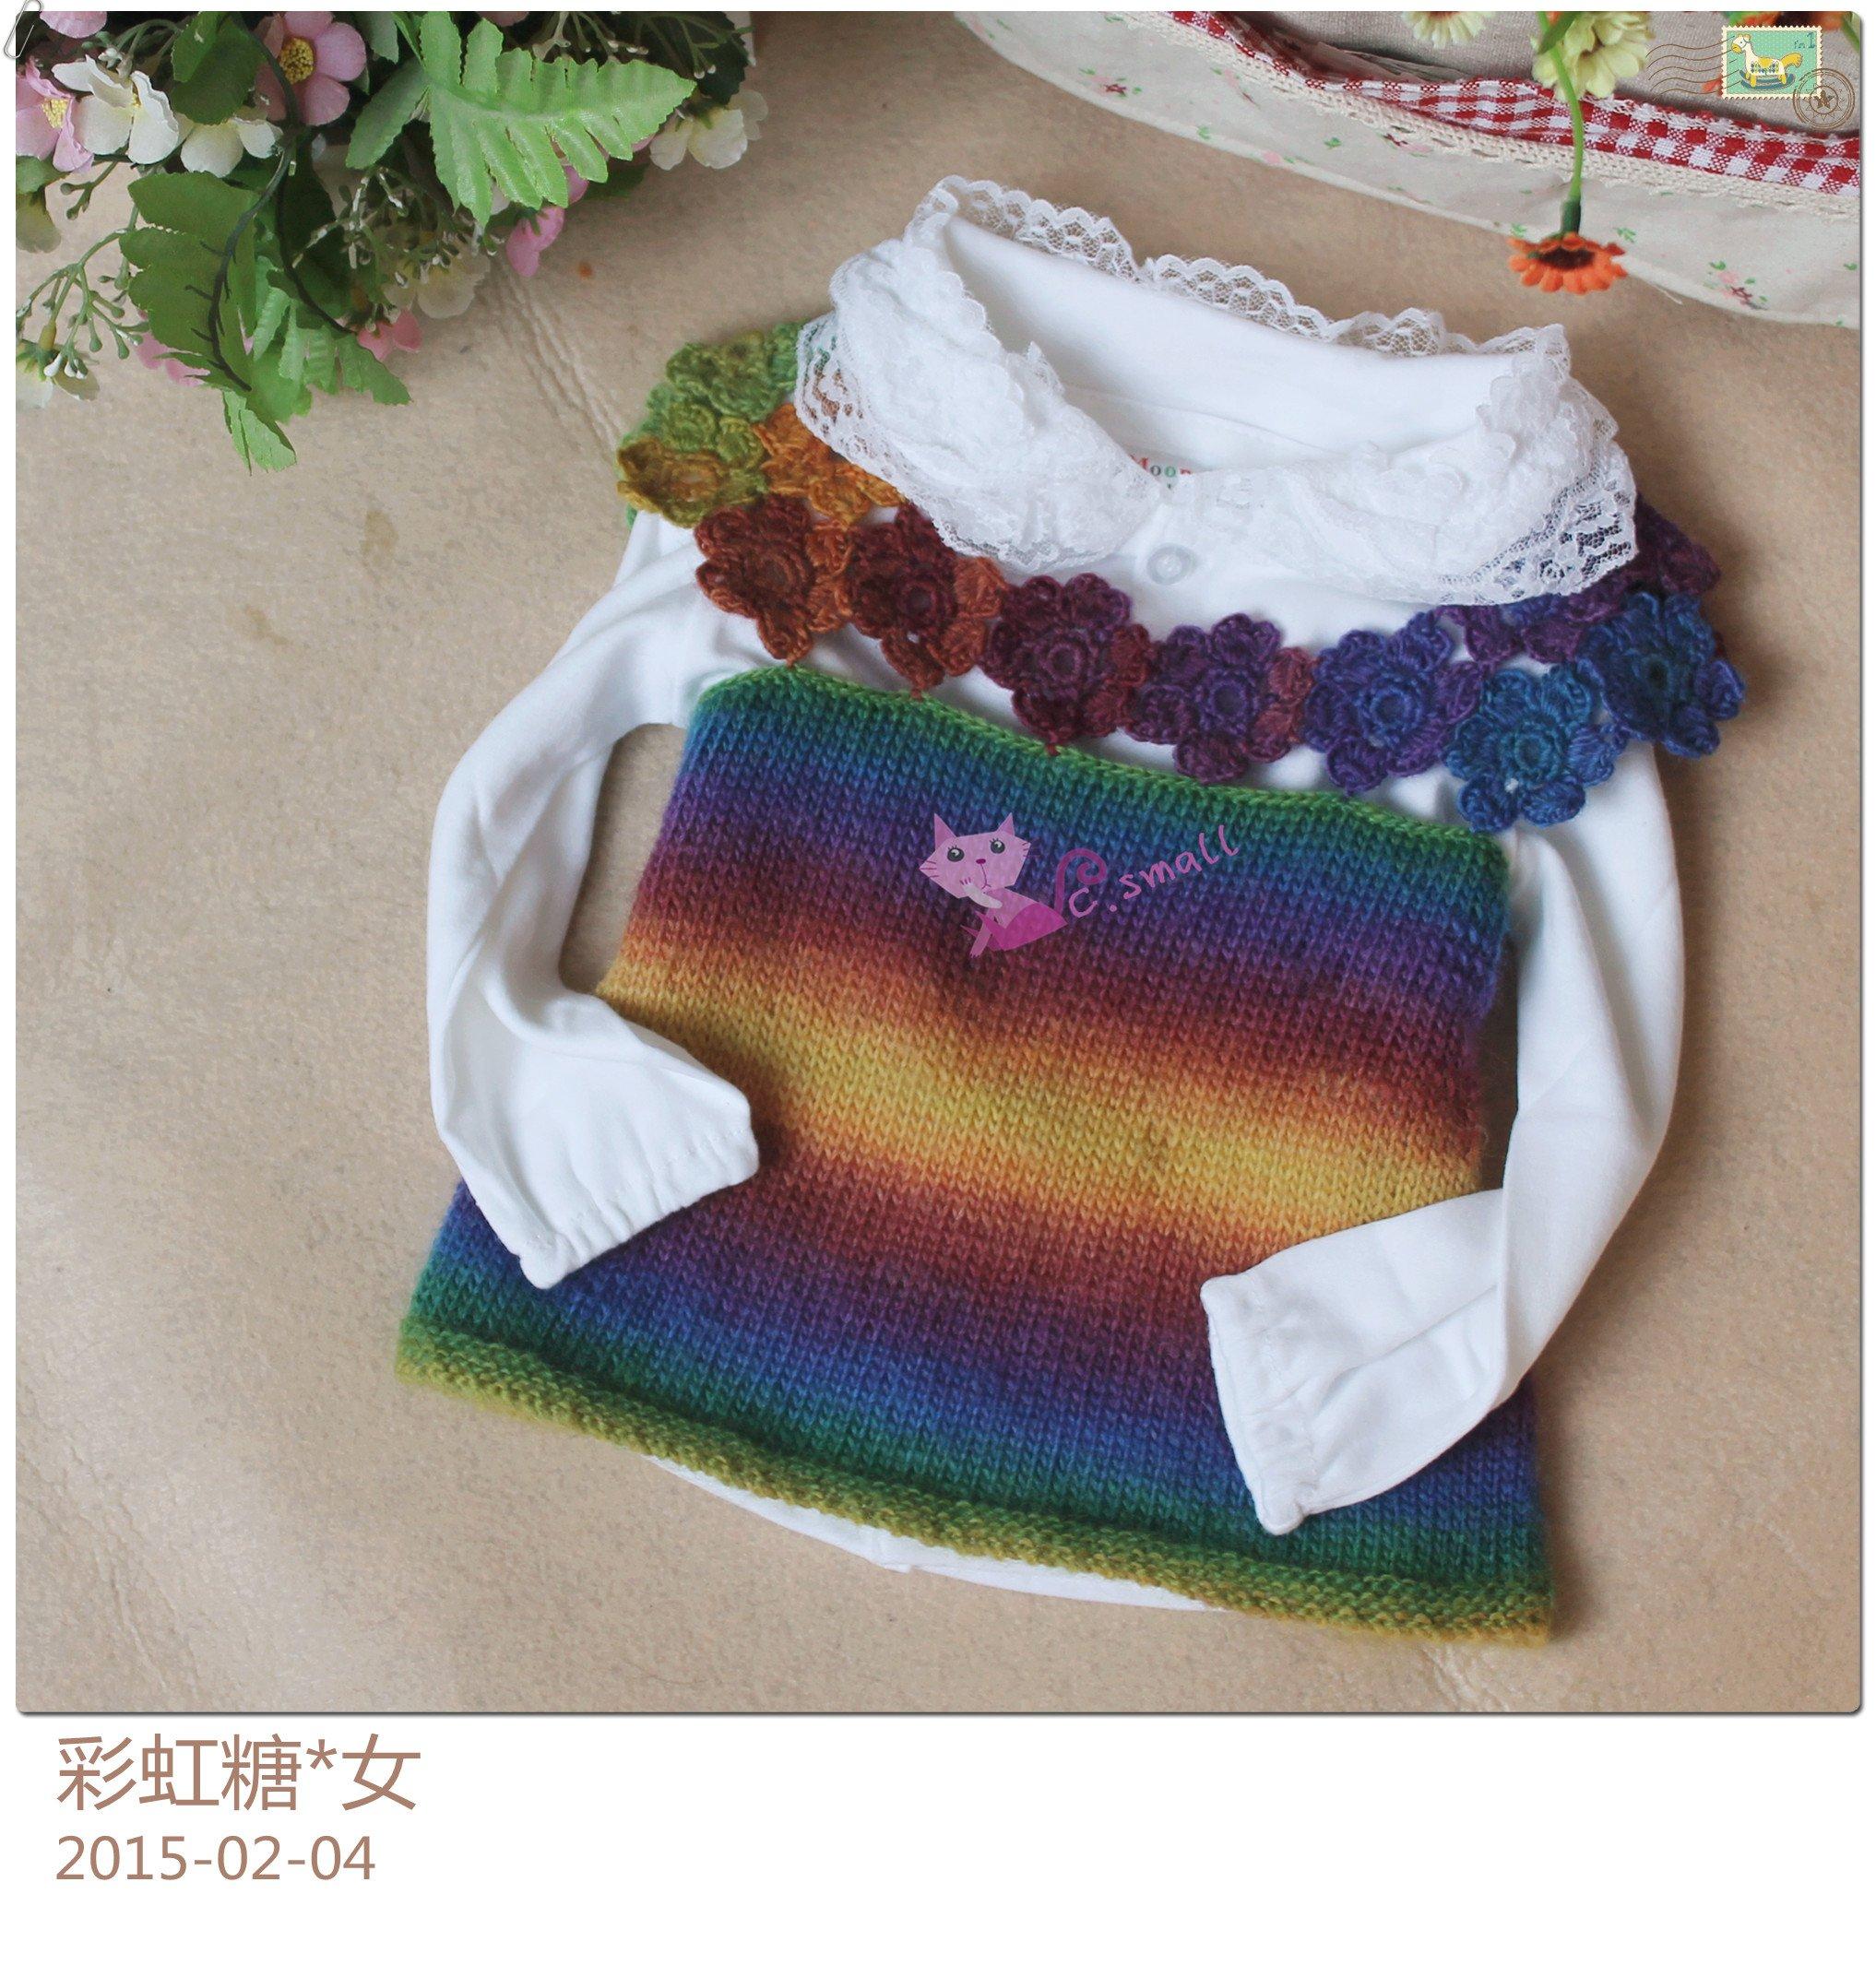 彩虹4.jpg